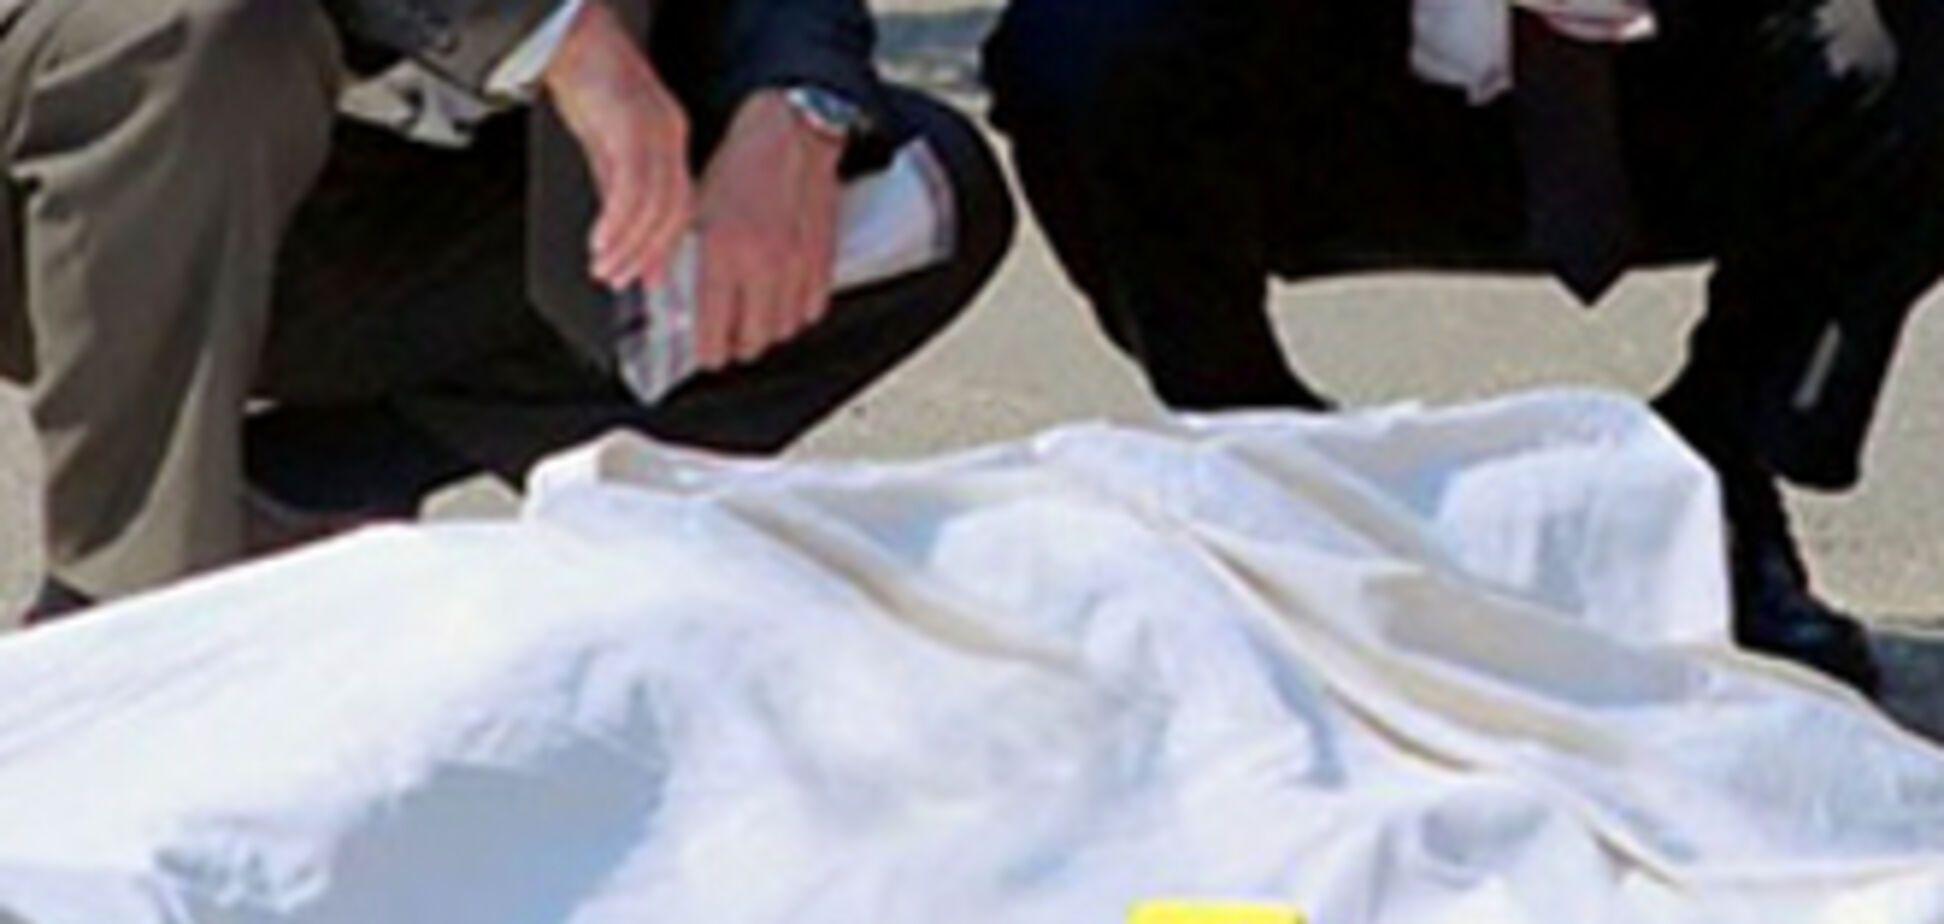 Щоб повернутися до жінки, хлопець убив її дочка